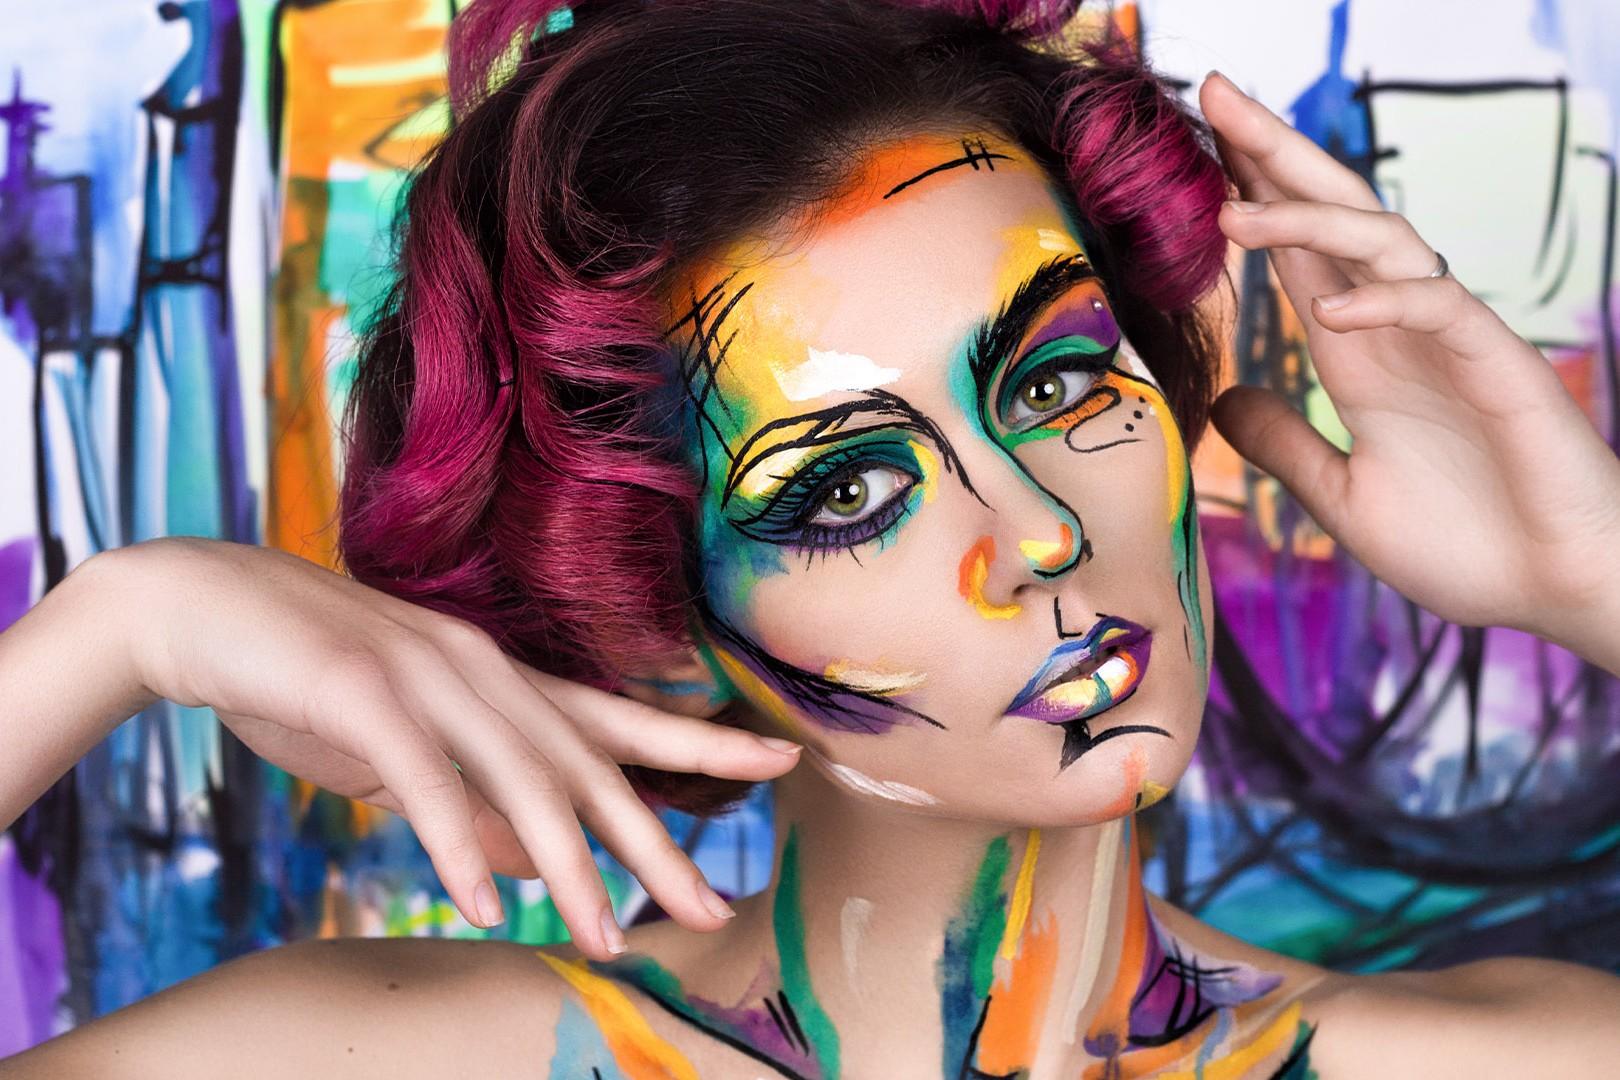 Ragazza con trucco d'arte in viso